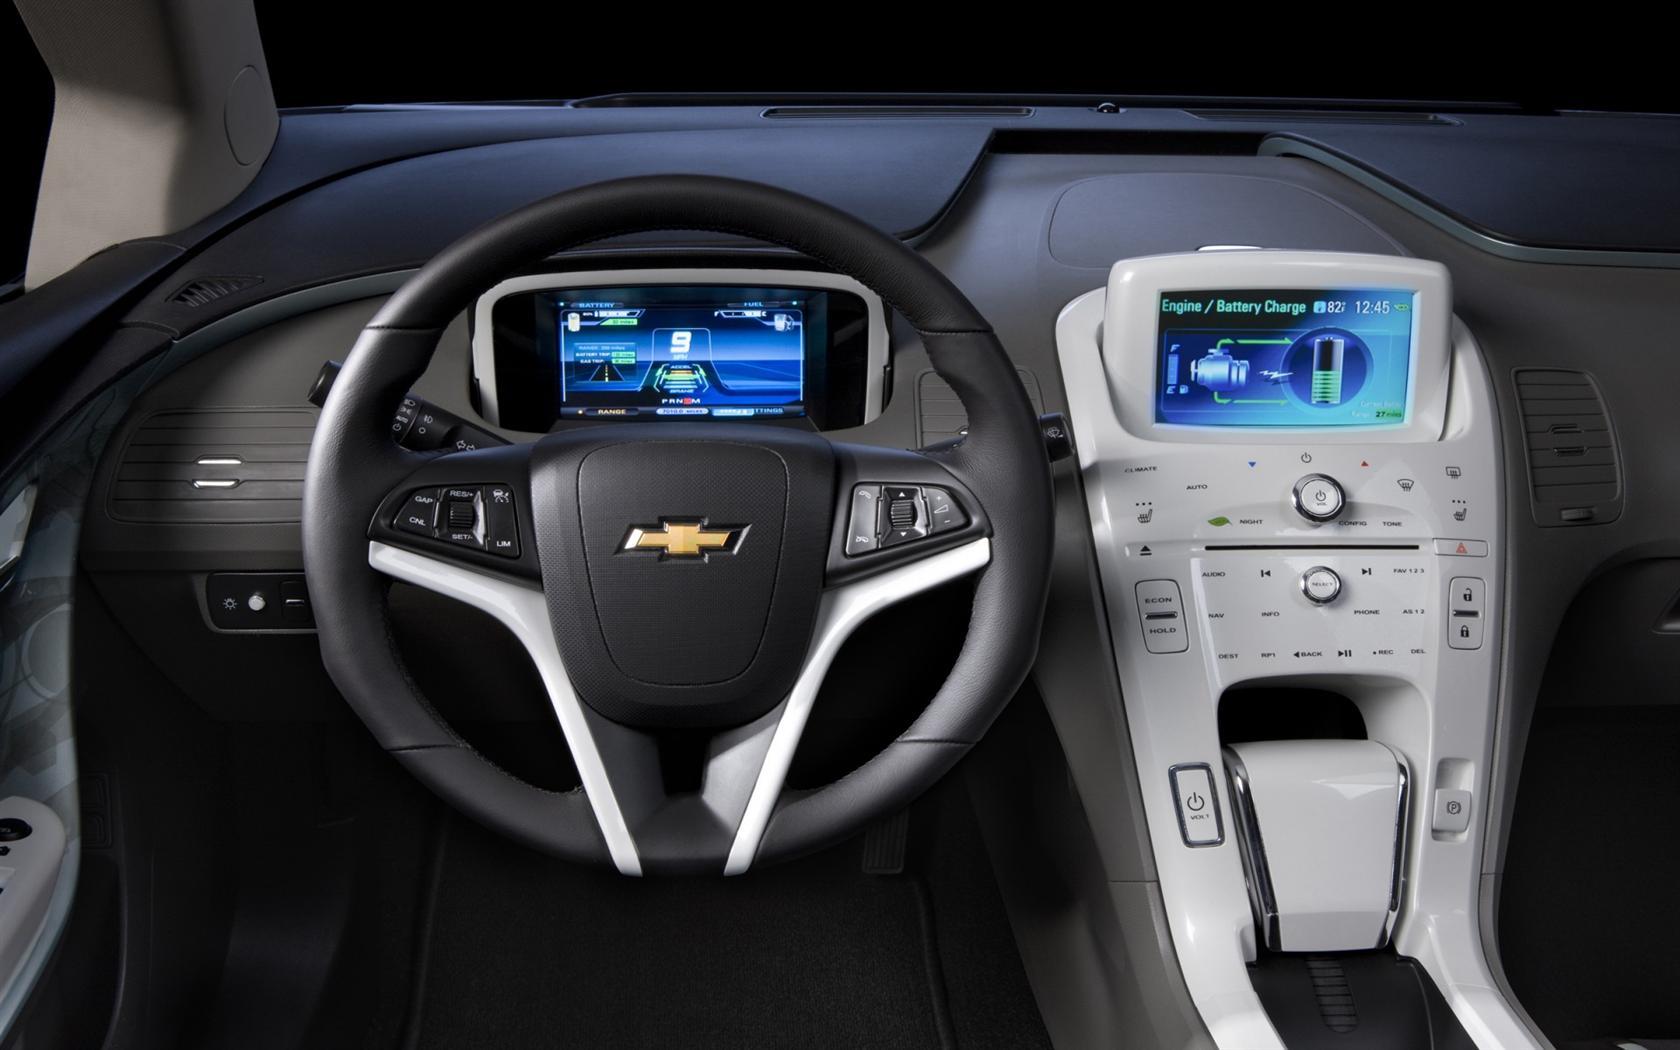 2011 Holden Volt Image